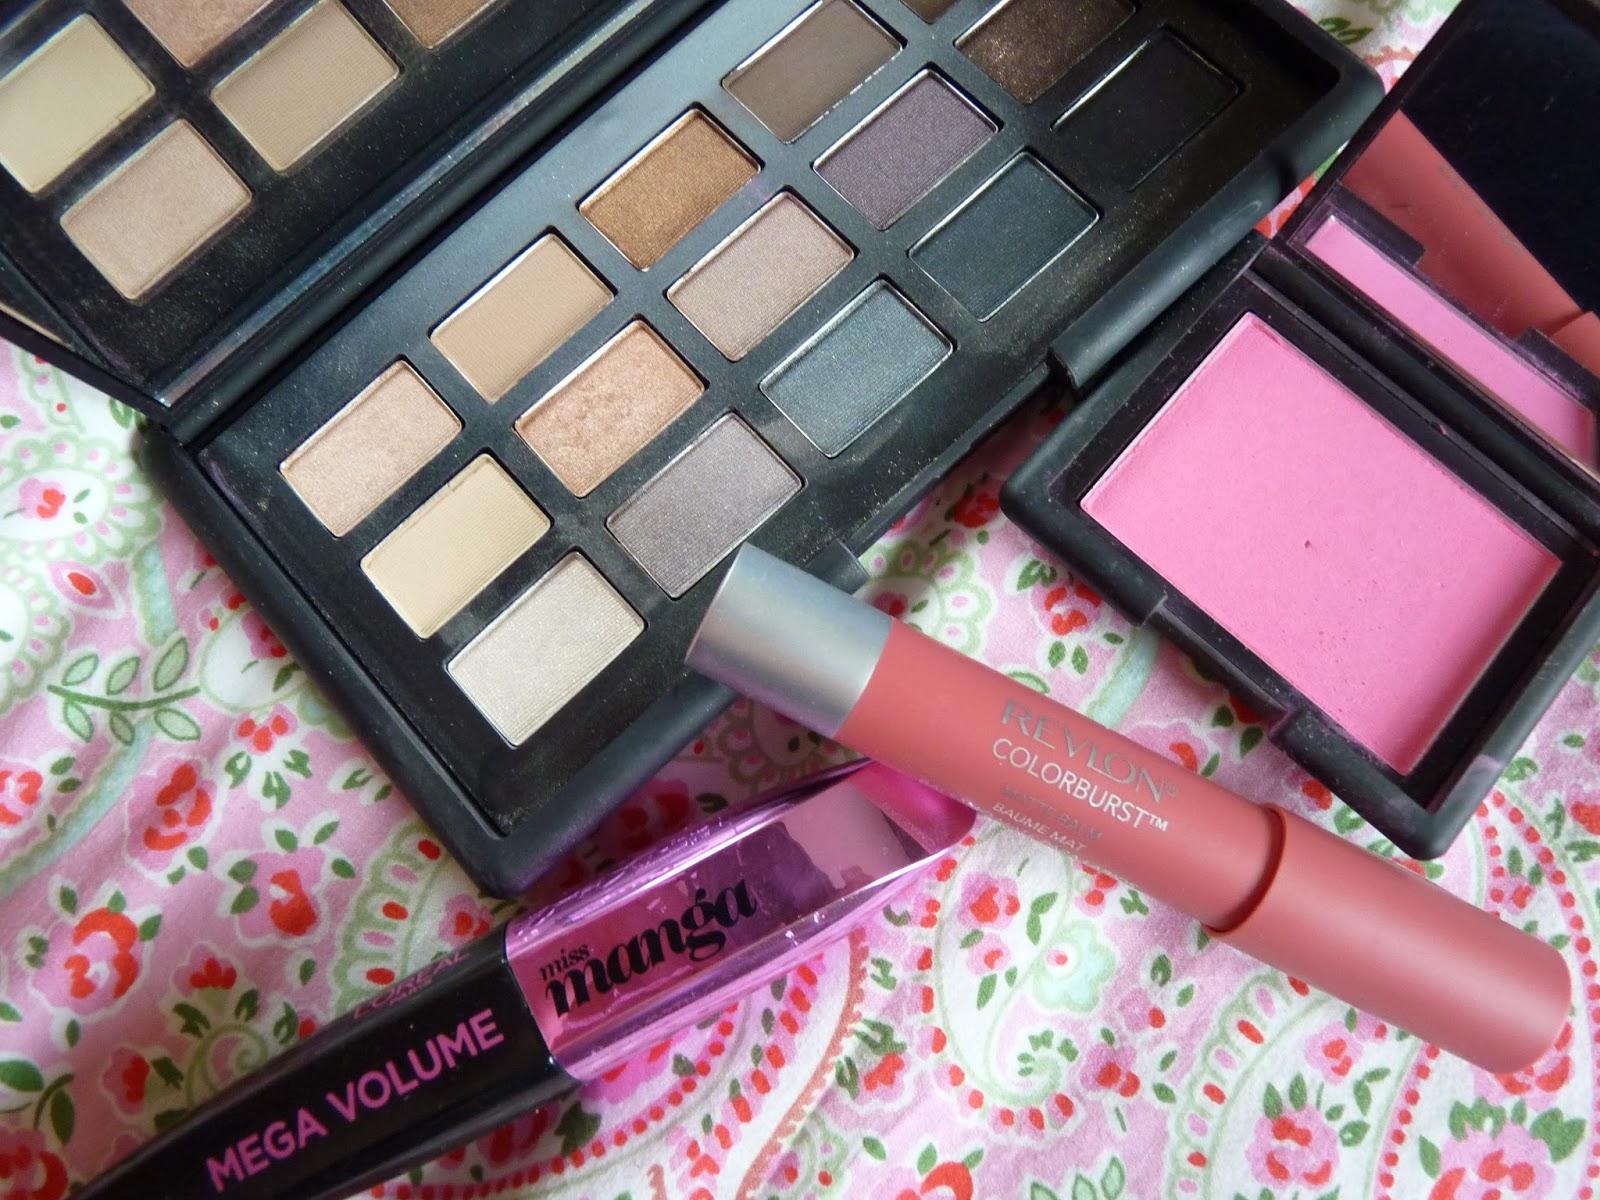 Pink Beauty Favourites Revlon L'oreal NARS